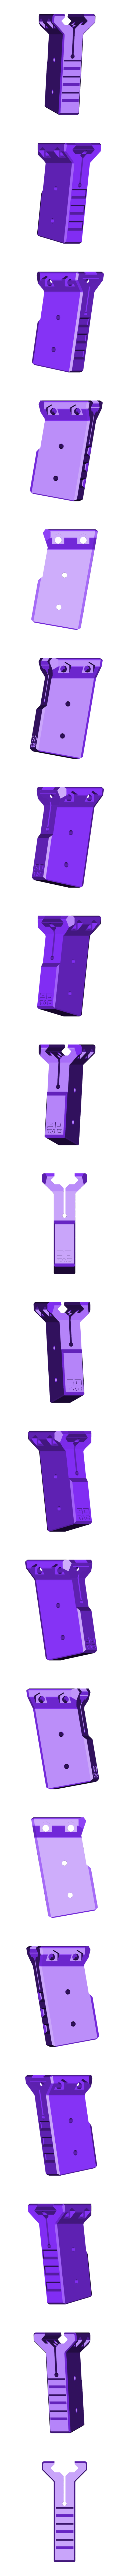 3dtac_vert_x_80_supported.stl Download STL file 3DTAC / VERTX 80° Tactical Grip • 3D printing template, 3DMX